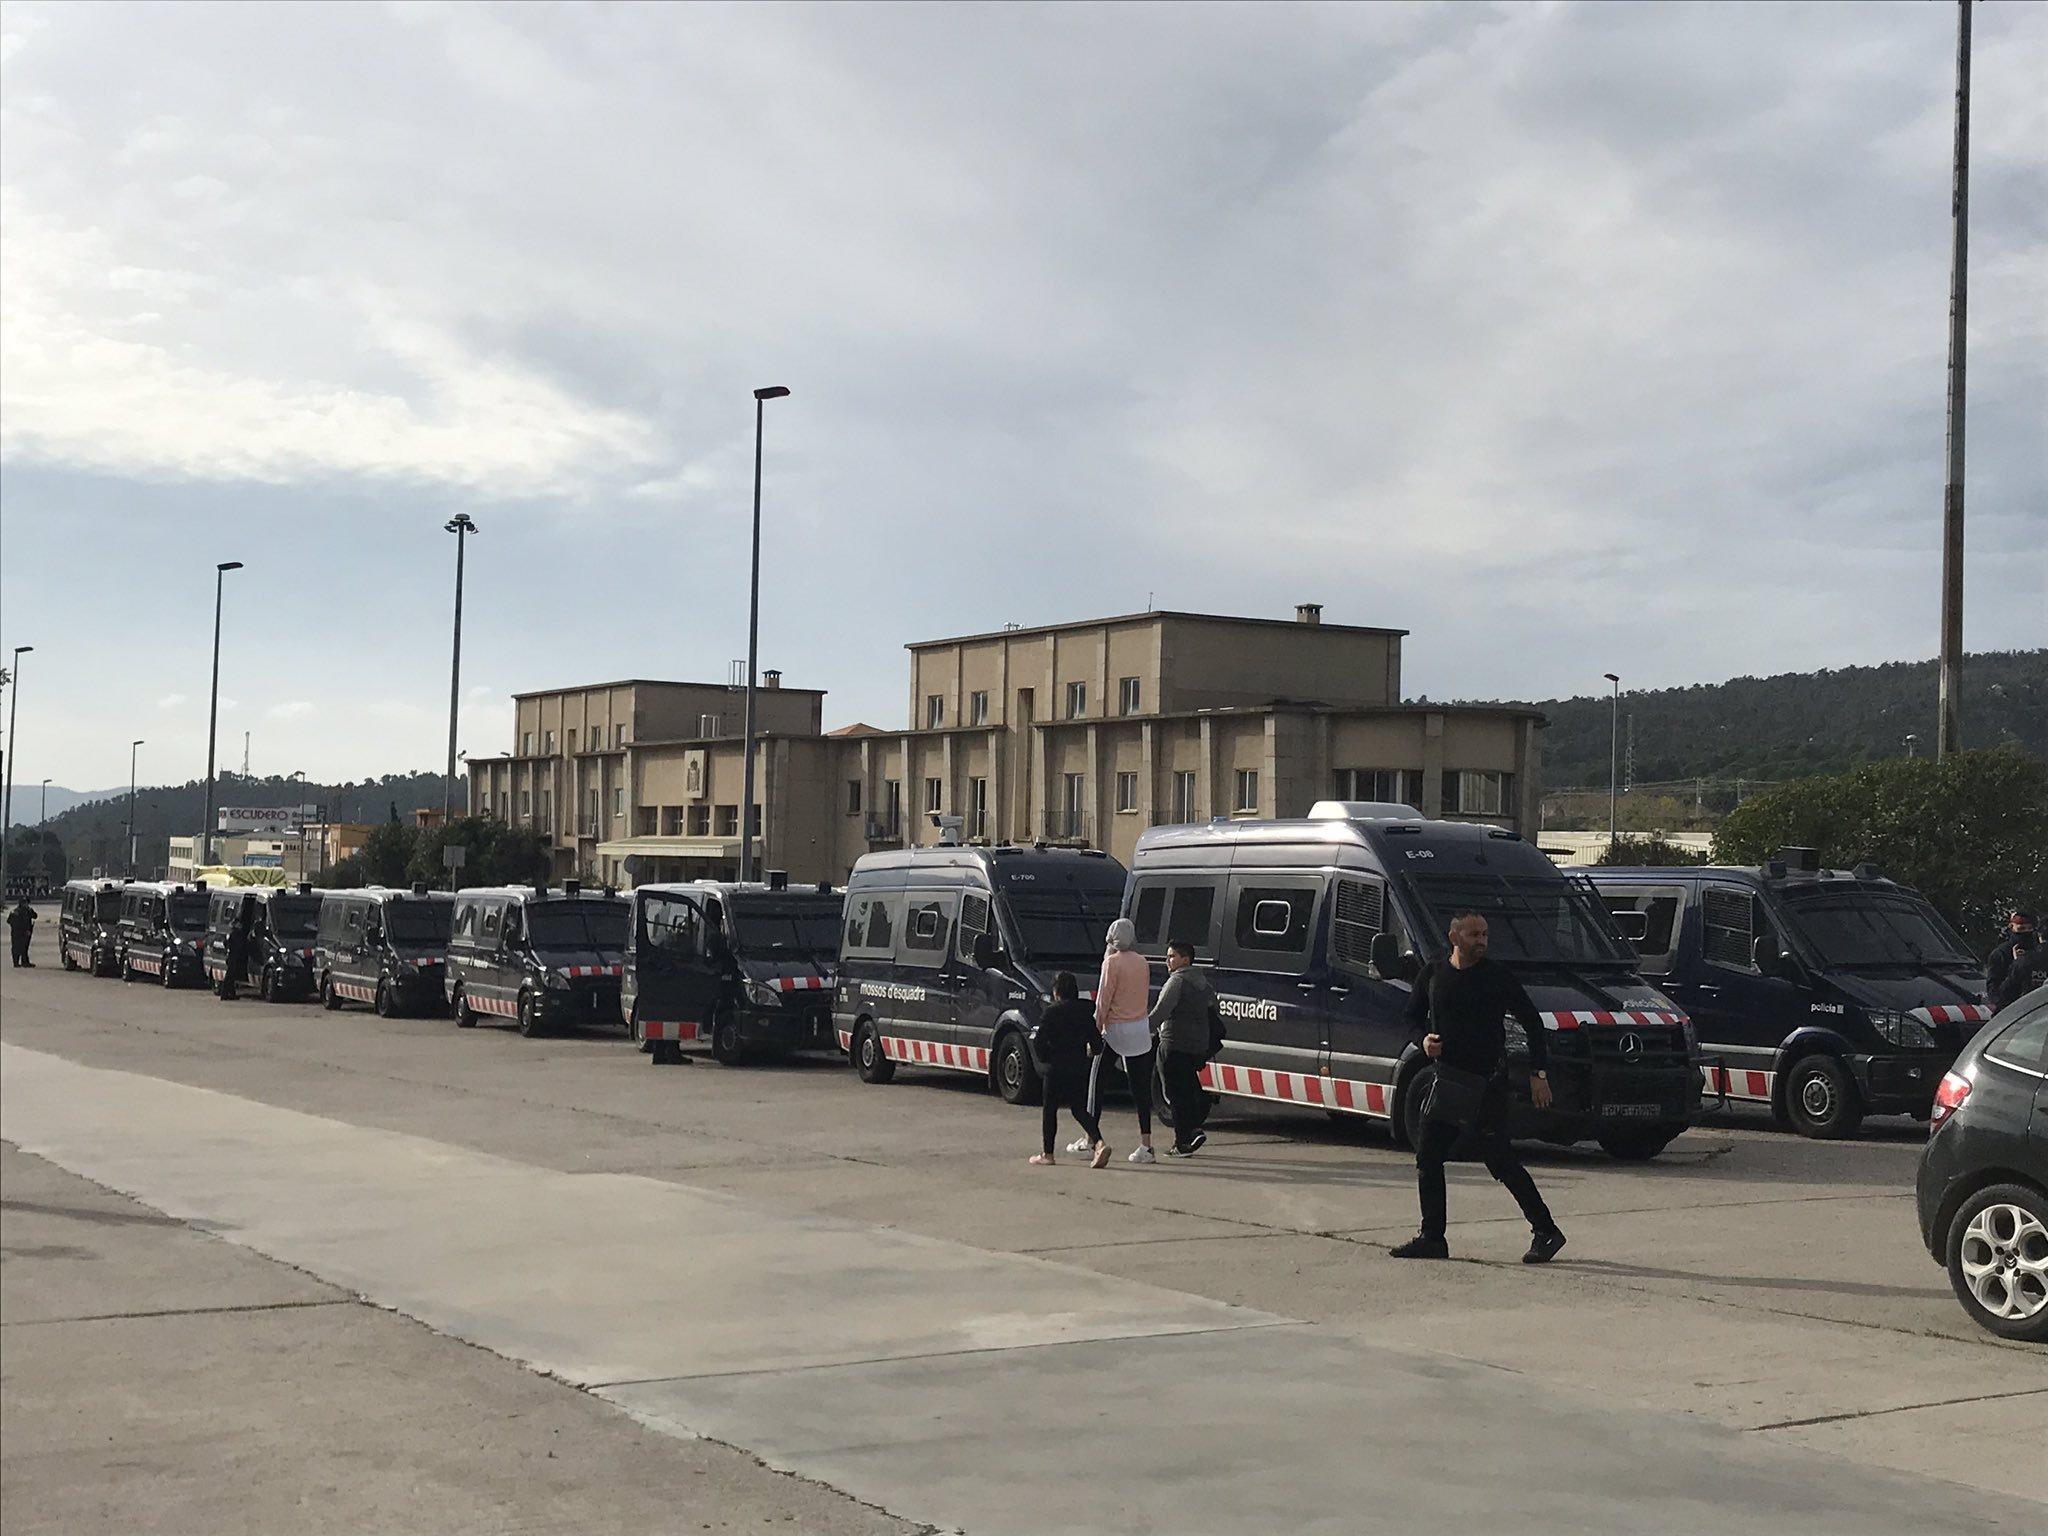 Una vintena de camions dels Mossos d'Esquadra estacionats a l'entrada